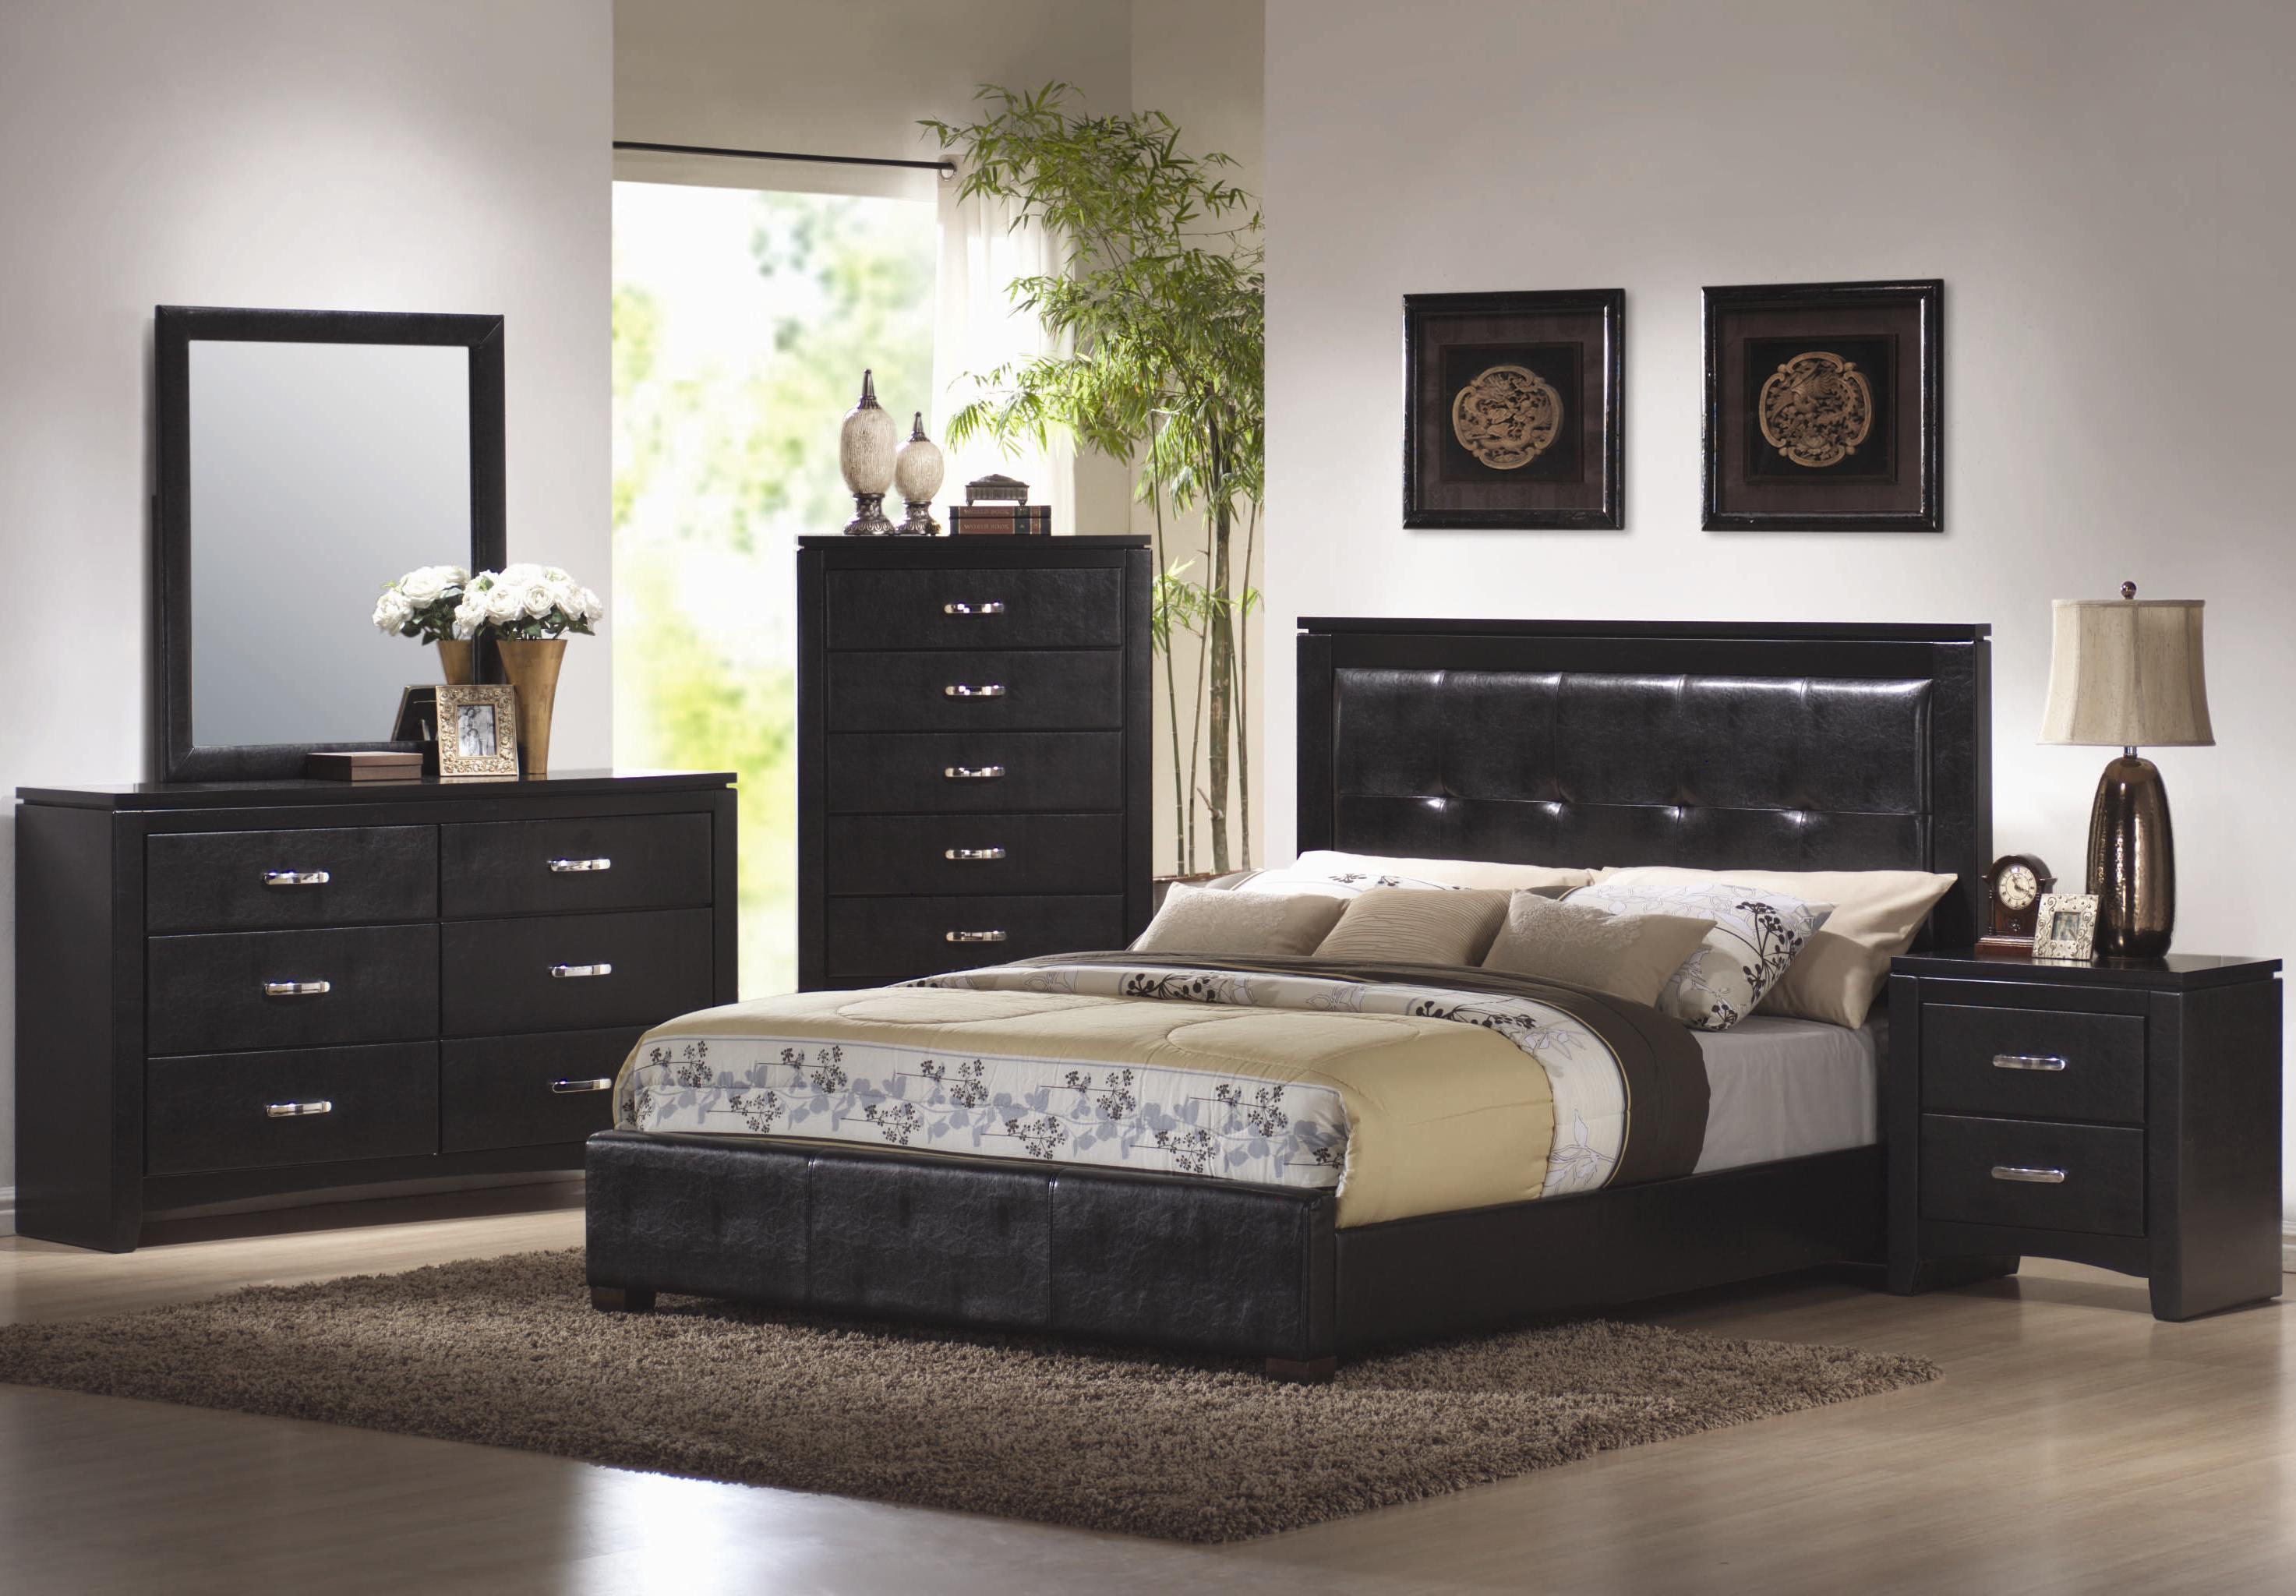 Coaster Dylan King Bedroom Group - Item Number: 201400 K Bedroom Group 1